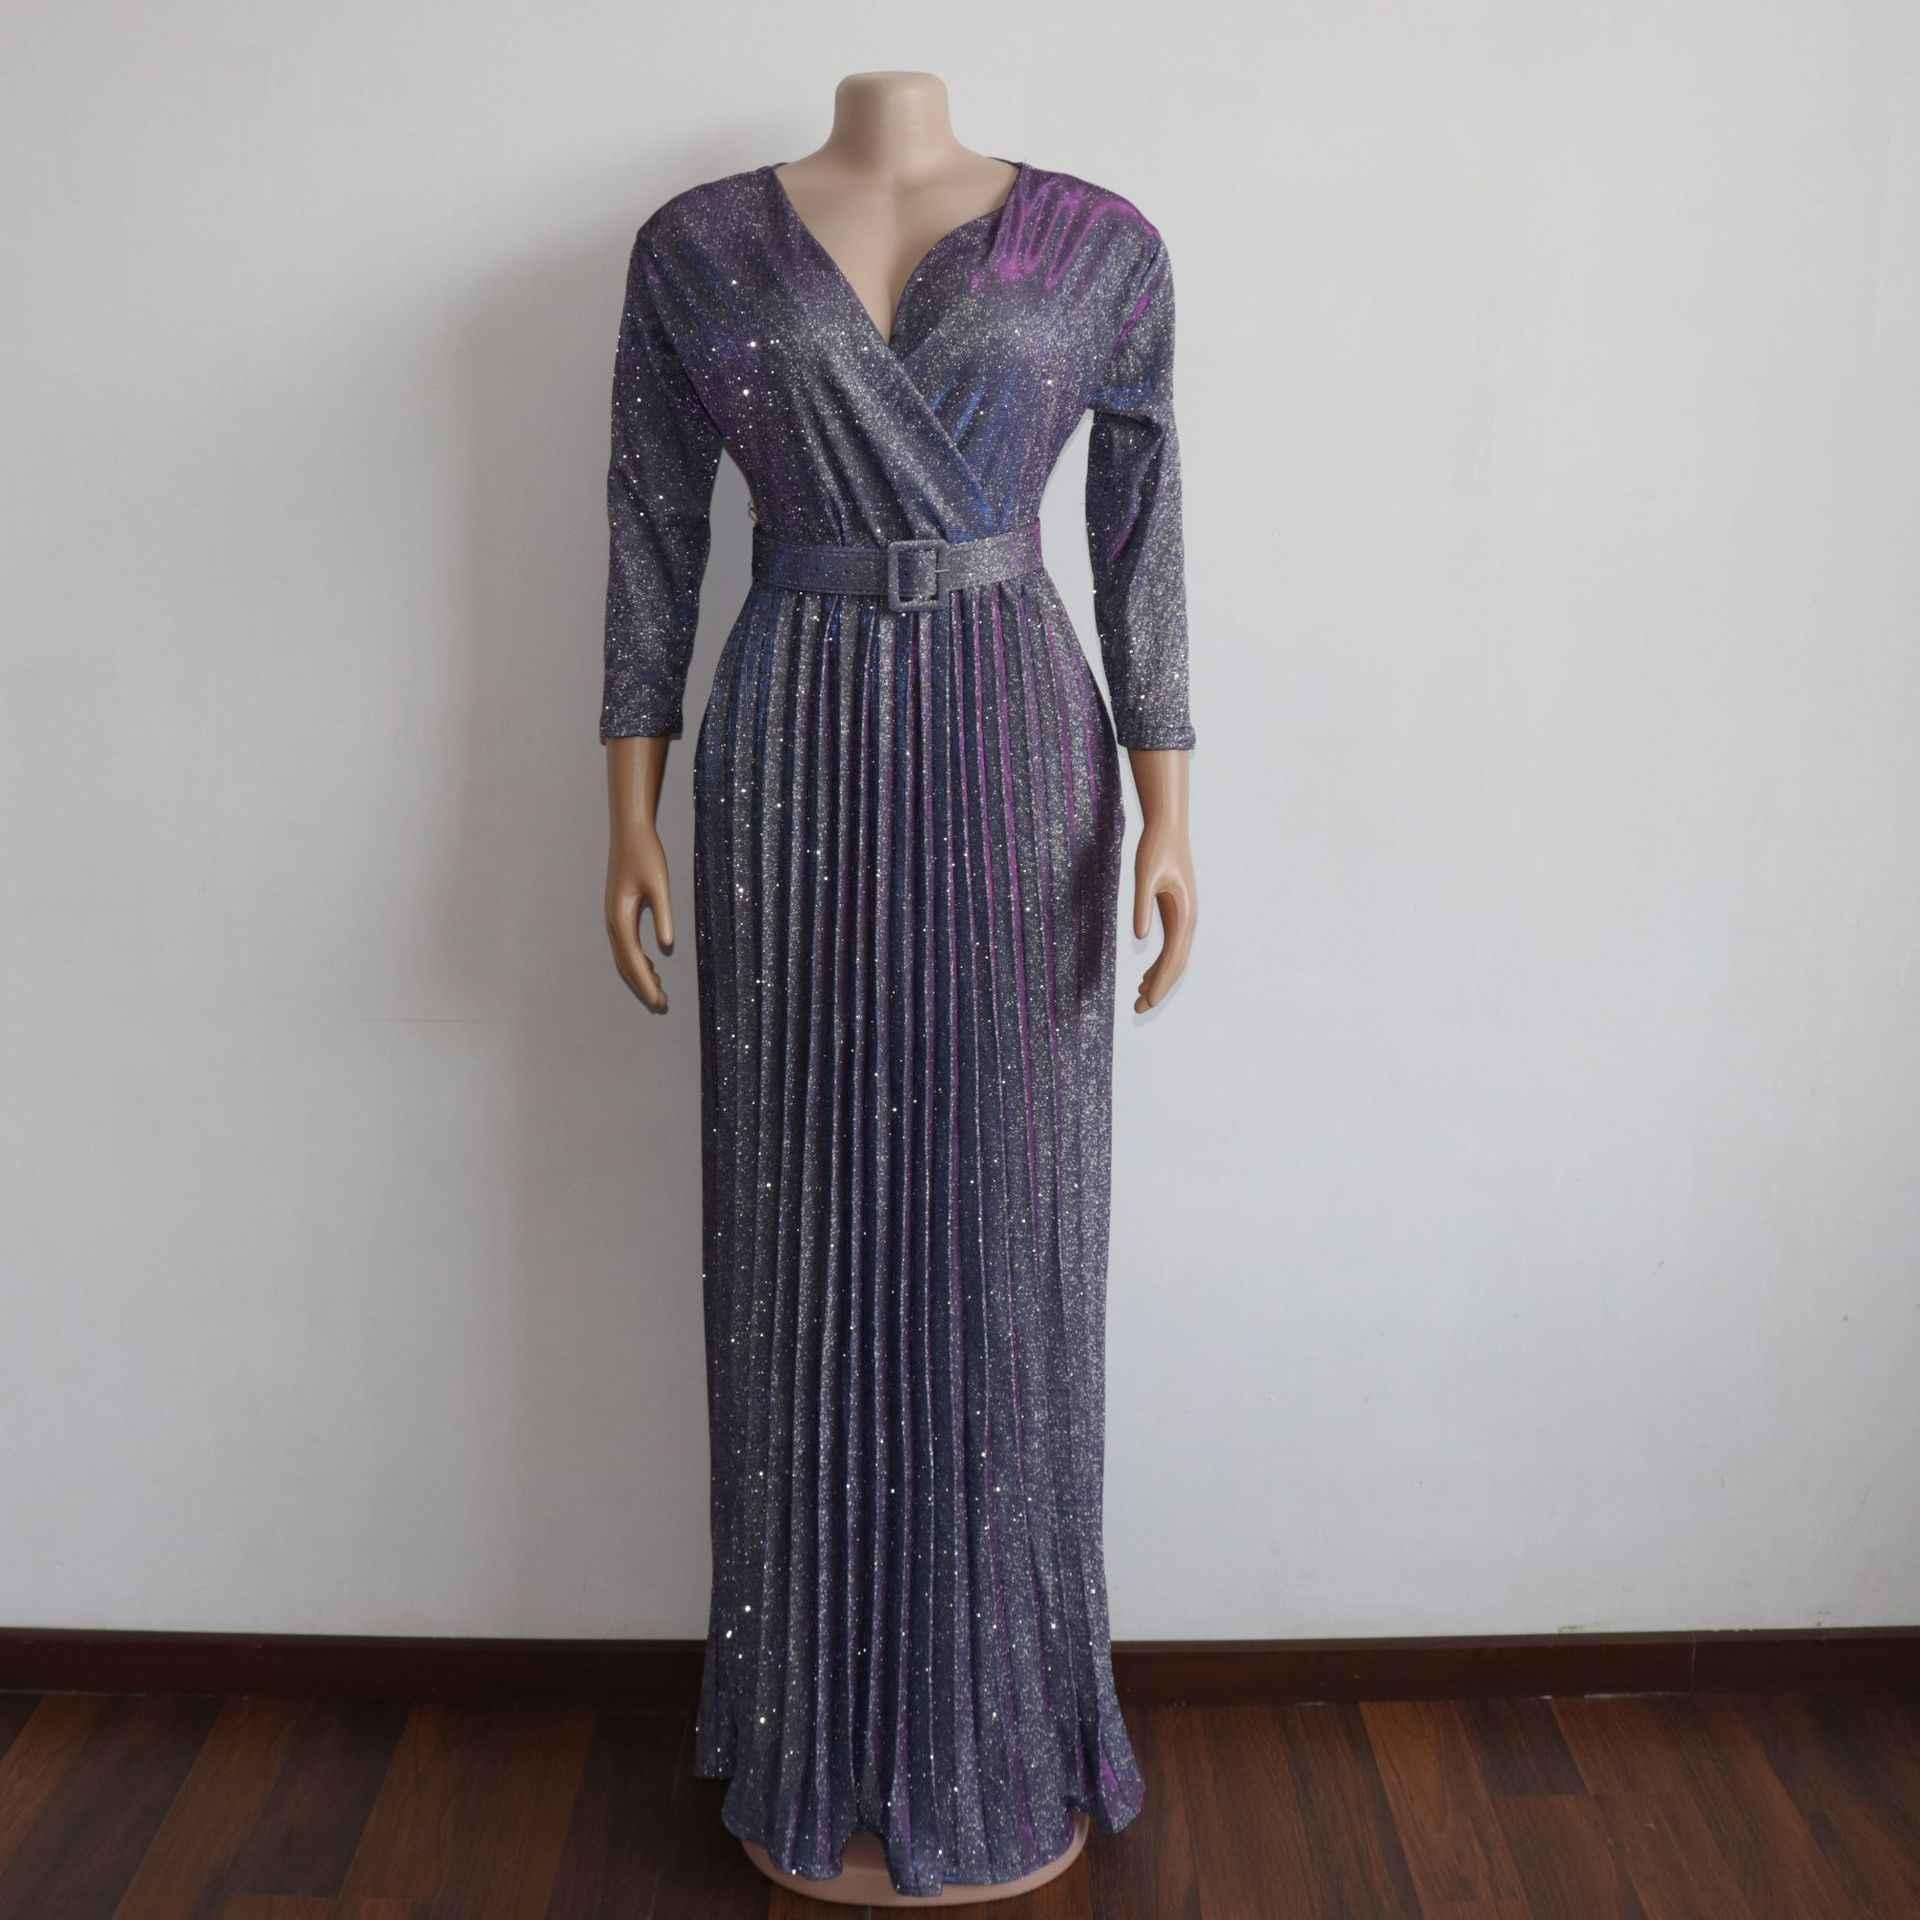 2020 רעיוני ארוך שמלות נשים מסיבת הלילה סקסי V צוואר אלגנטי חגורת נצנצים מקסי ורוד קפלים שמלת Vestidos Robe Femme